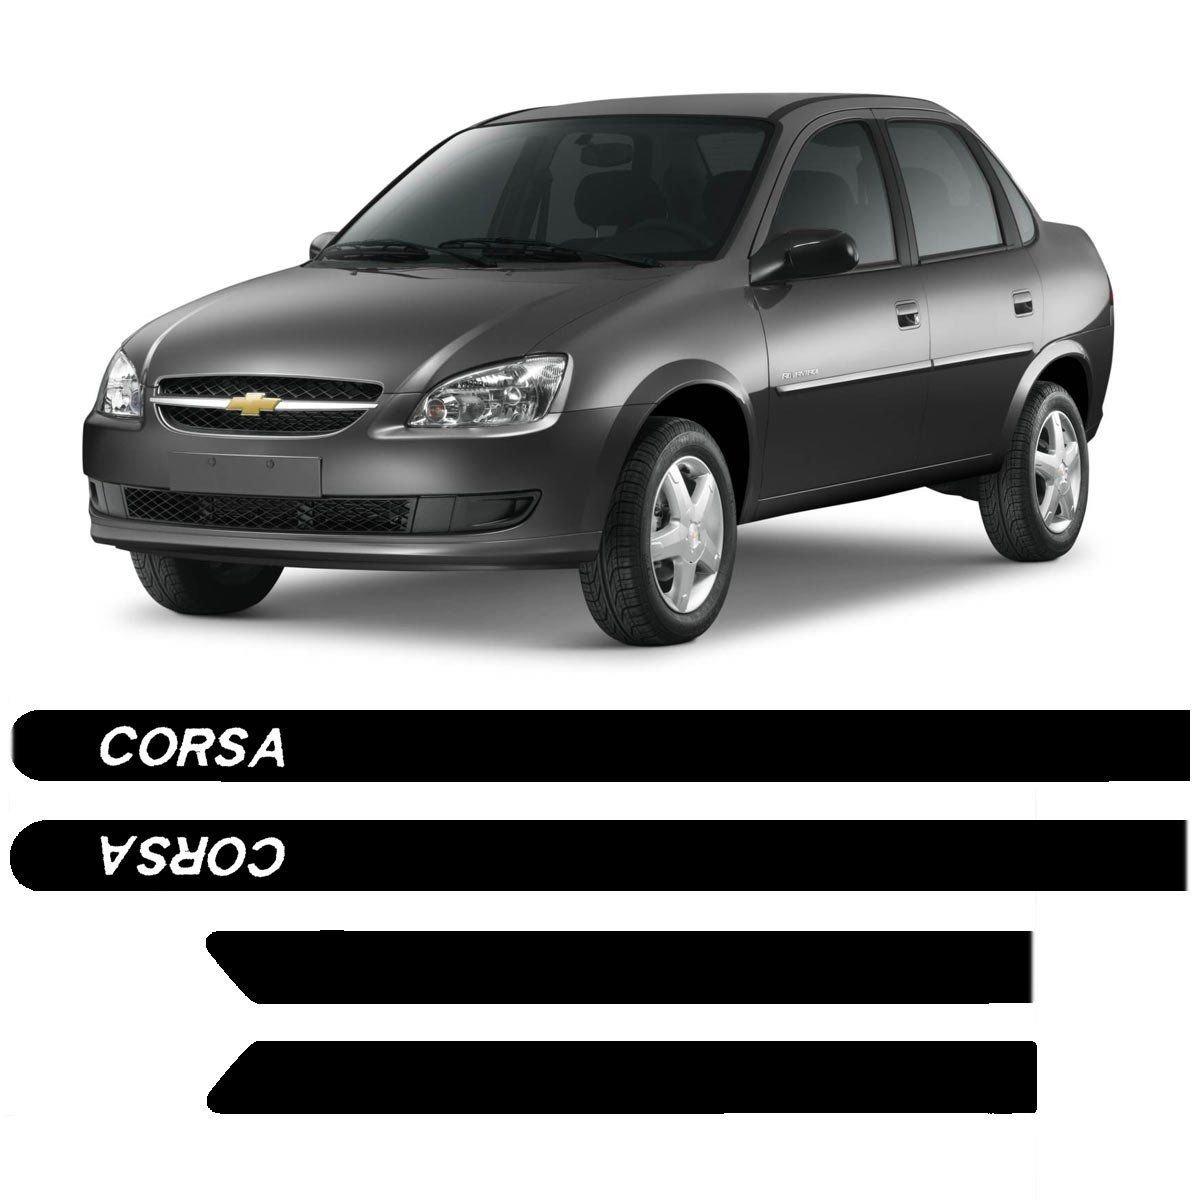 Friso Lateral Gm Corsa Sedan Personalizado Preto R 157 94 Em